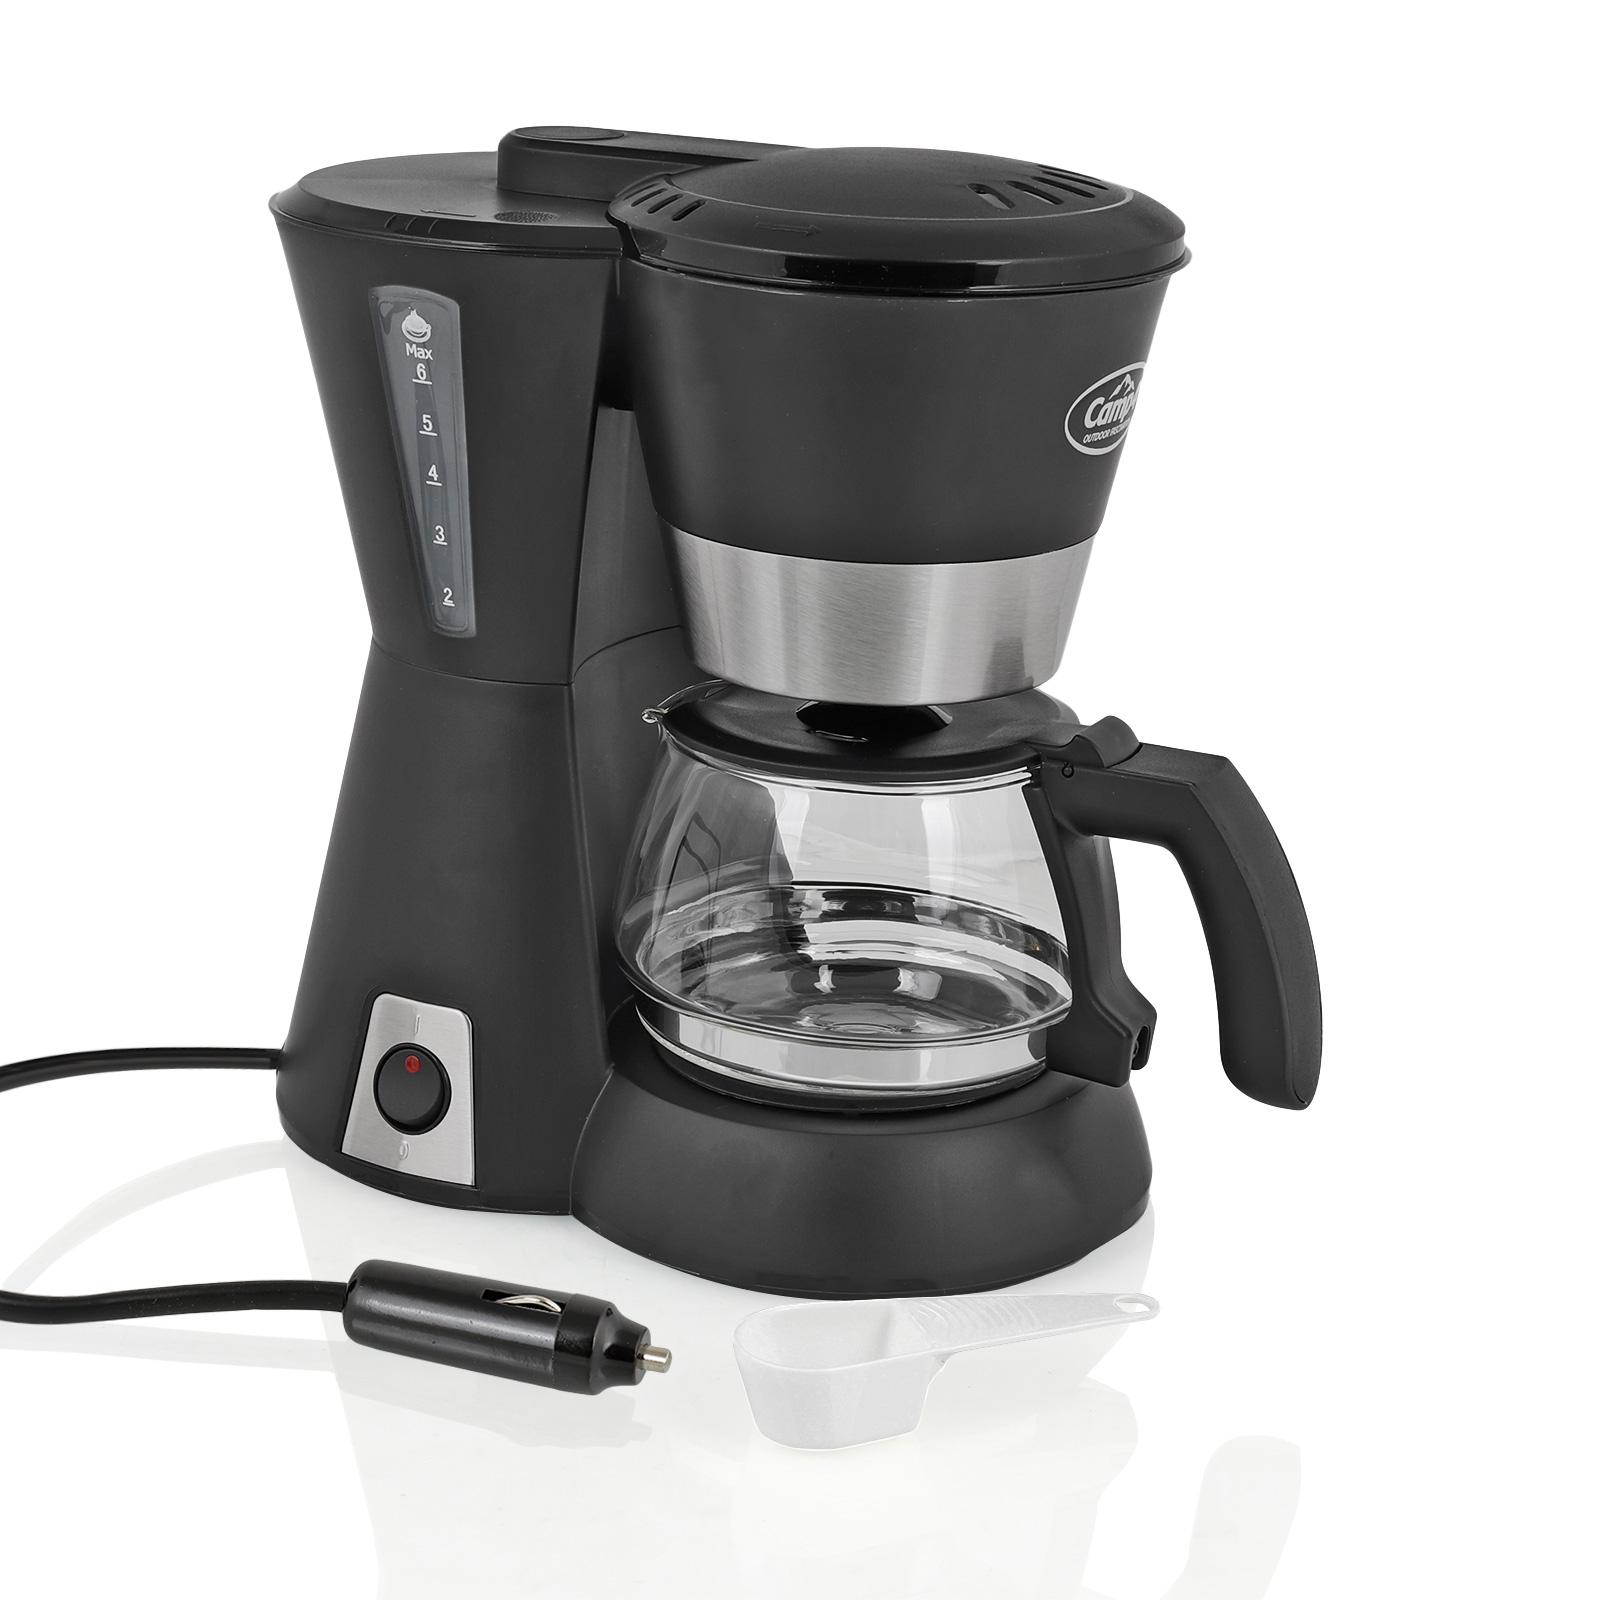 Camp4 Kaffemaschine 12 Volt für 6 Tassen, 170 Watt, Dauerfilter